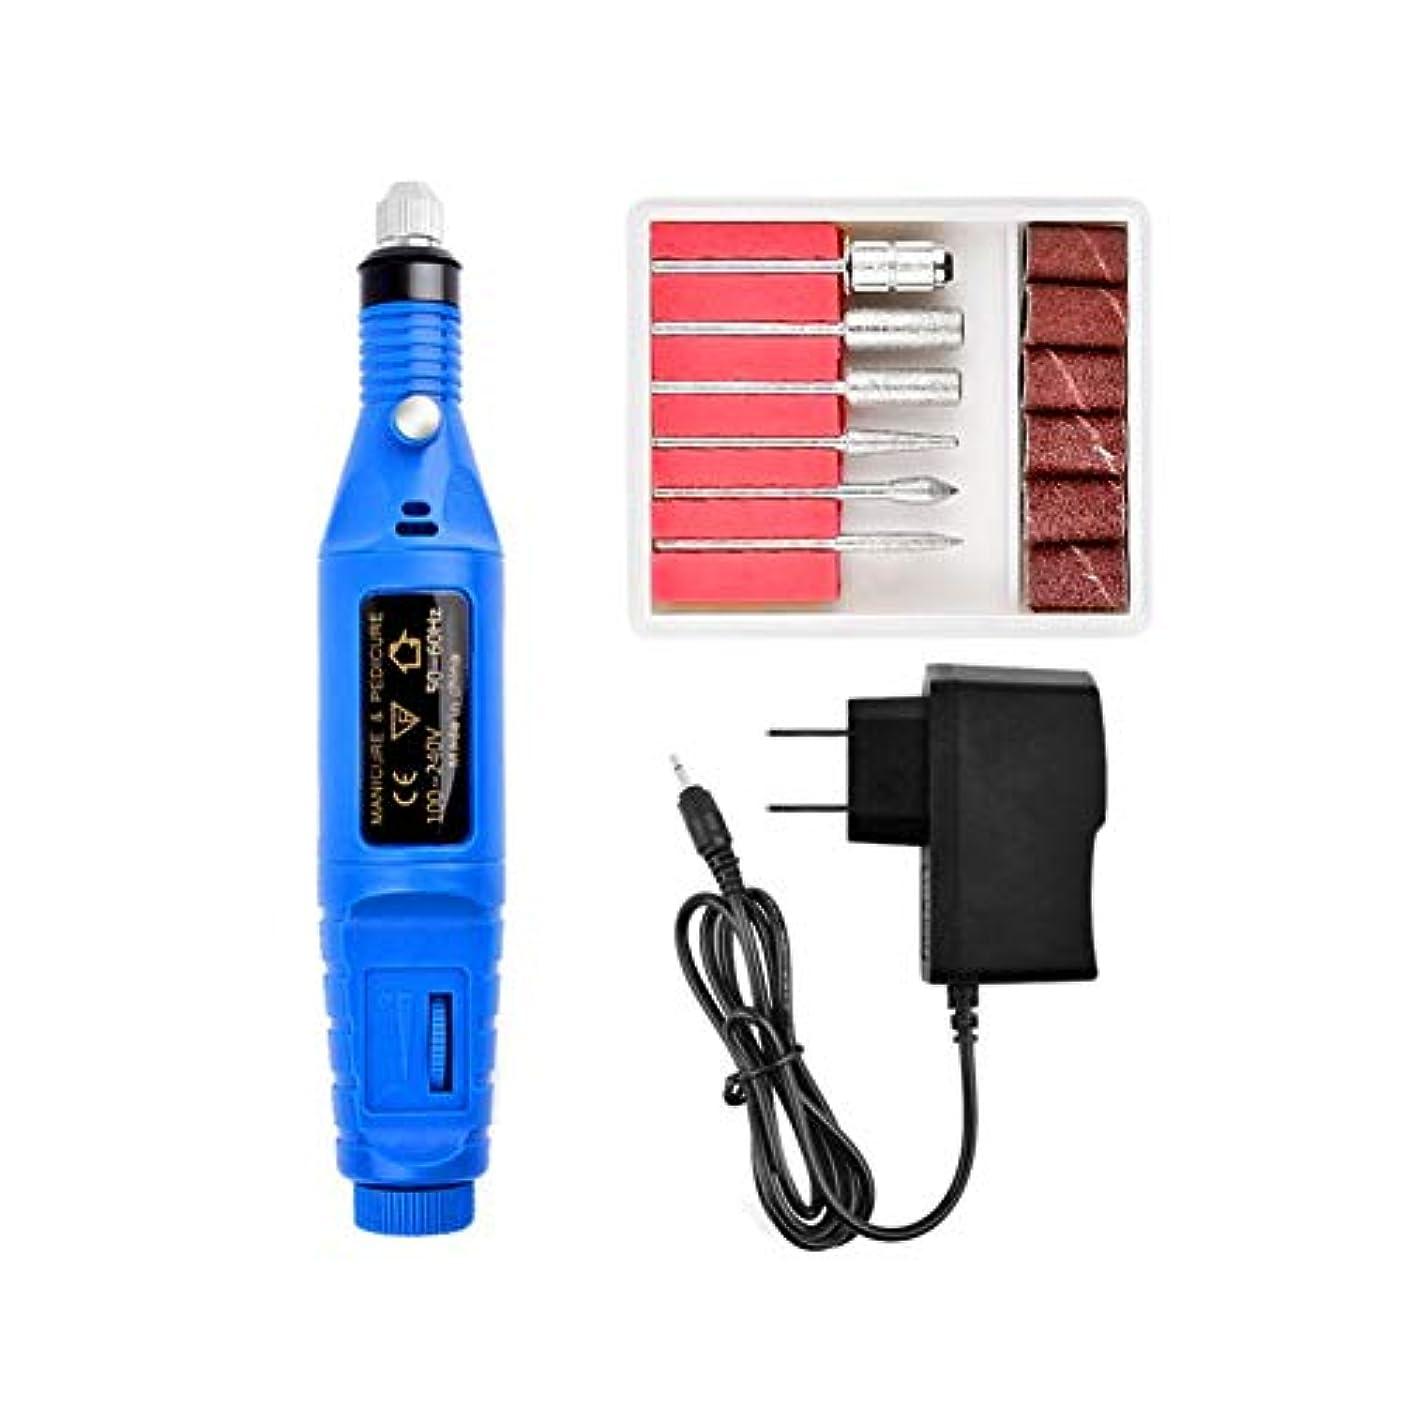 高架値下げ強化ネイルリムーバーペディキュアツールネイルを充電する電動ネイルドリルペン形状の爪ミニ私たちの青いボルトタイプを供給